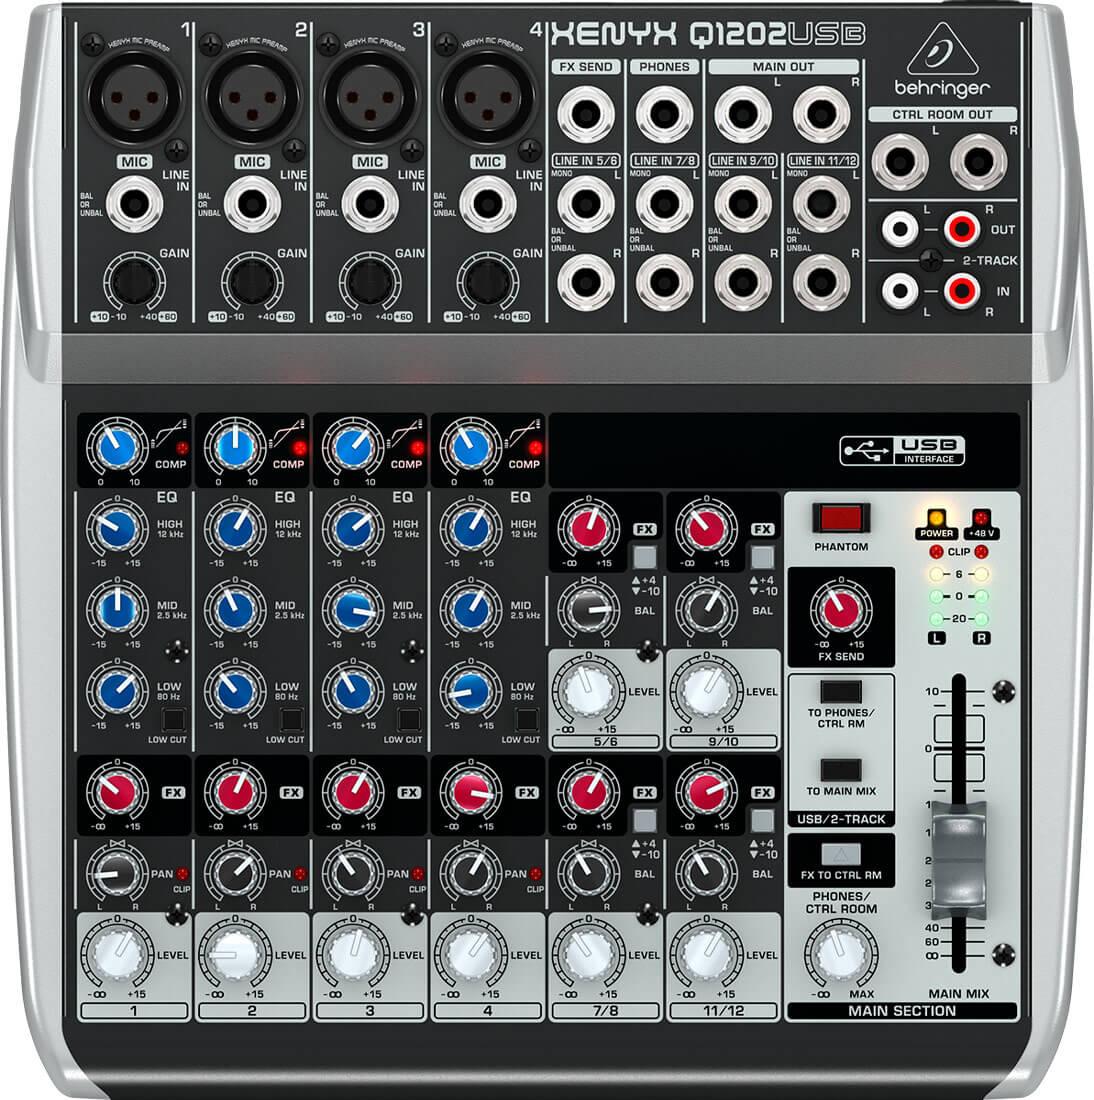 Behringer XenyxQ1202USB mixer